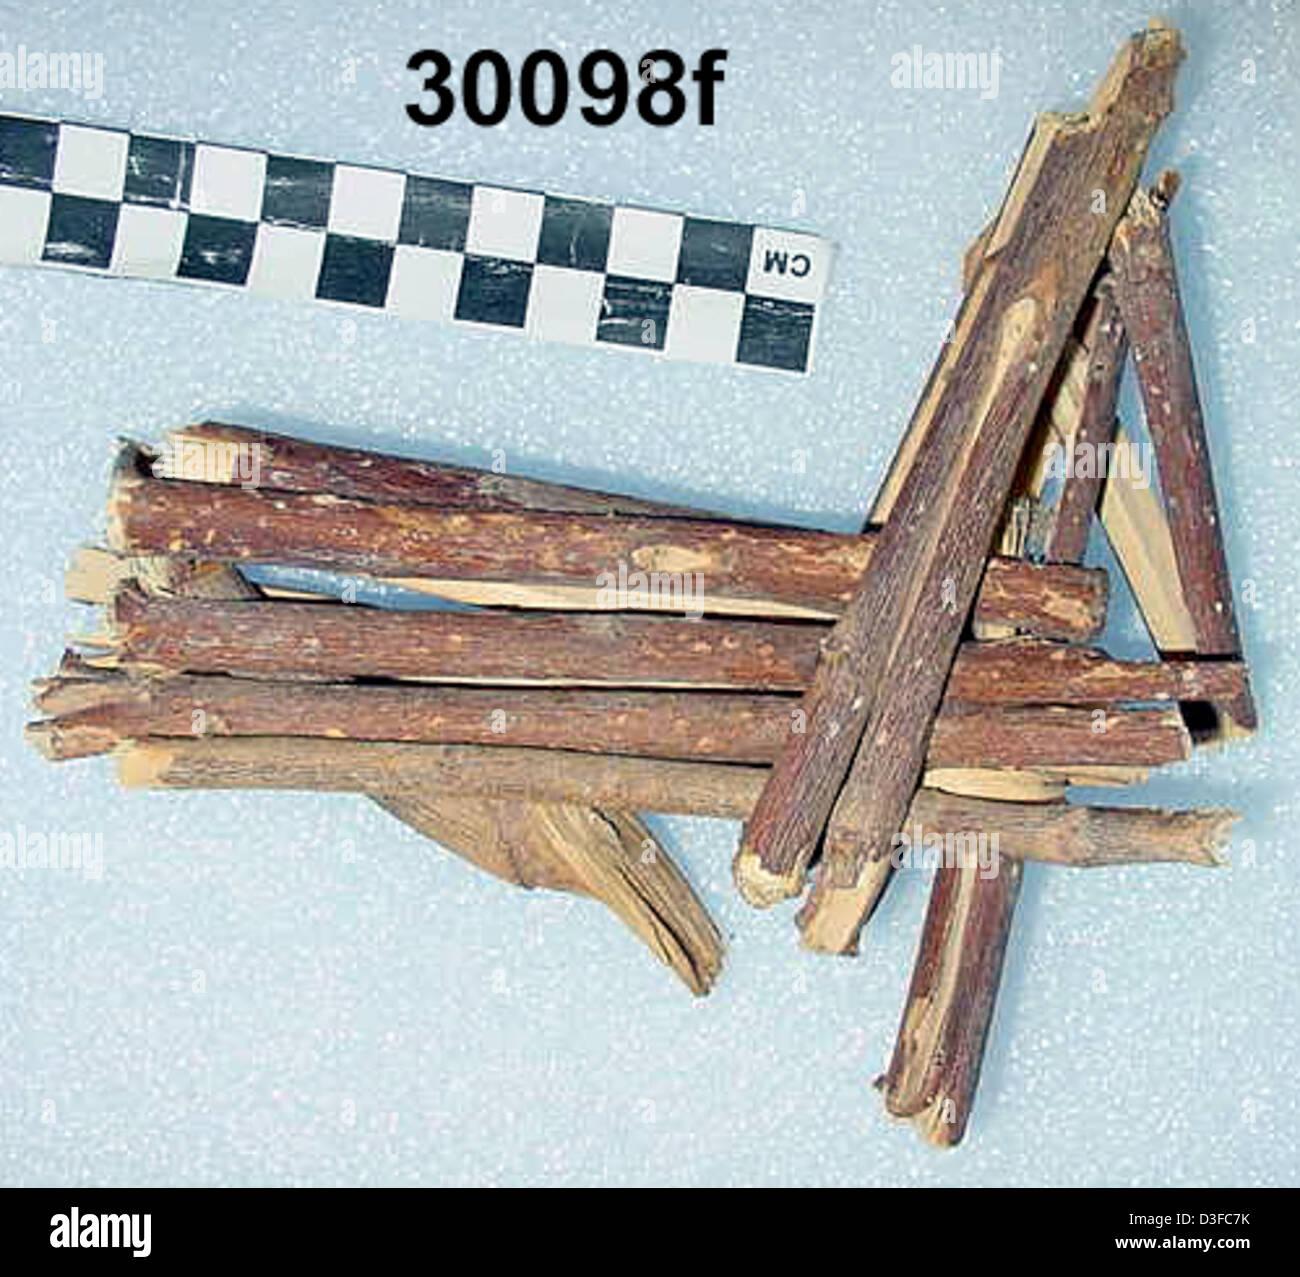 Split-Twig Figurine GRCA_30098f - Stock Image